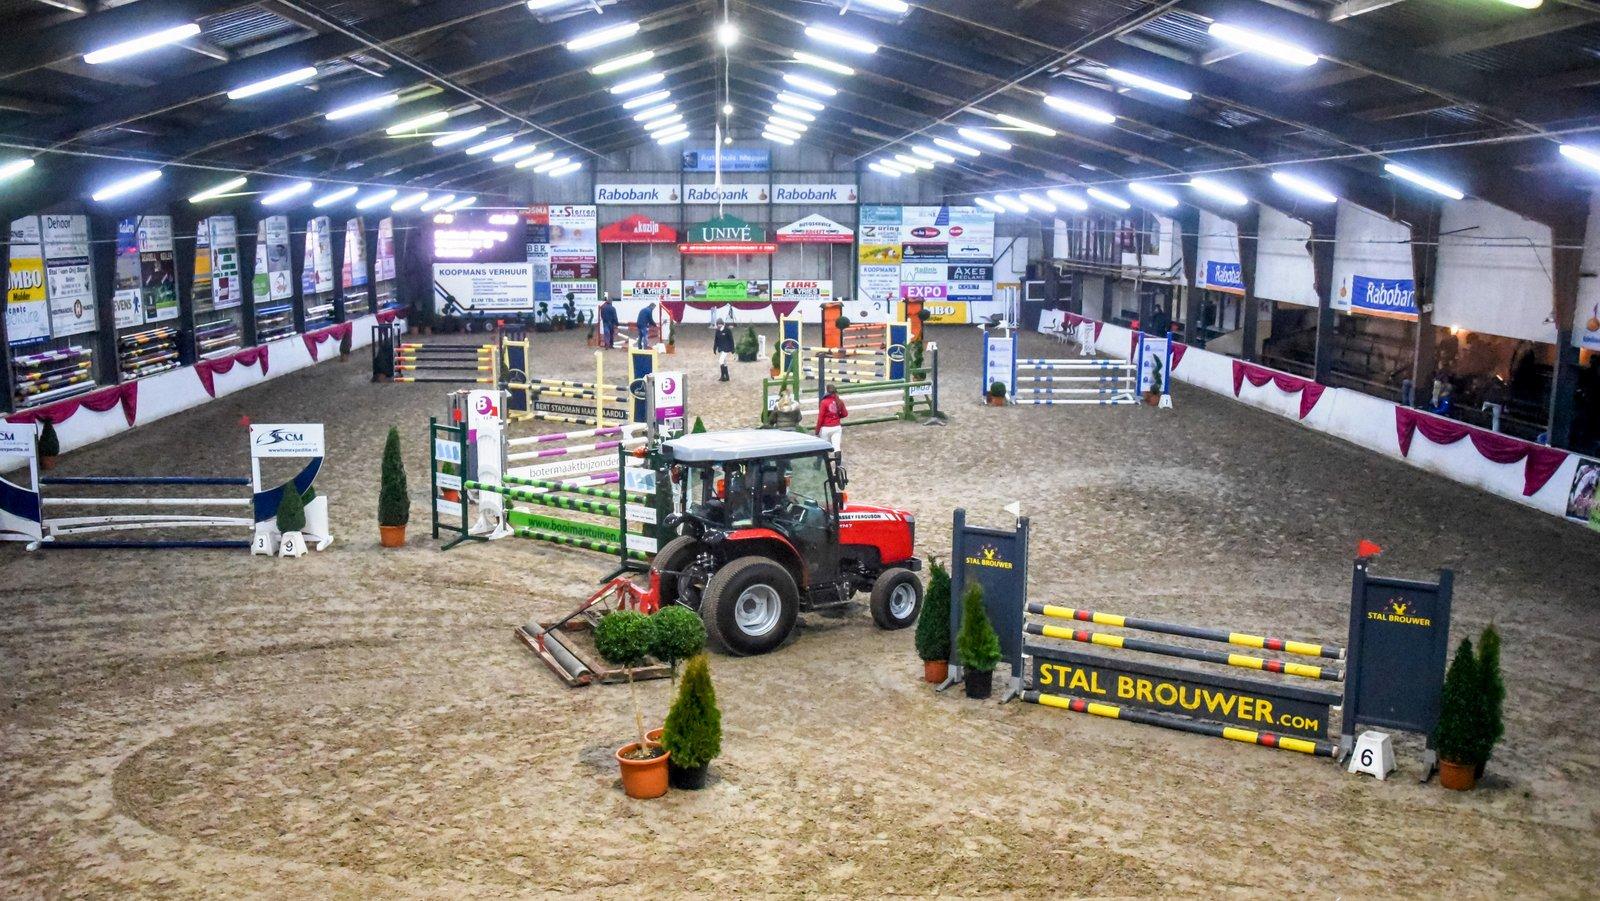 Beilen Stroomruiters. De hoofdpiste van de manege van de Stroomruiters, de locatie van Indoor Hartje Drenthe. foto: Henk Lomulder